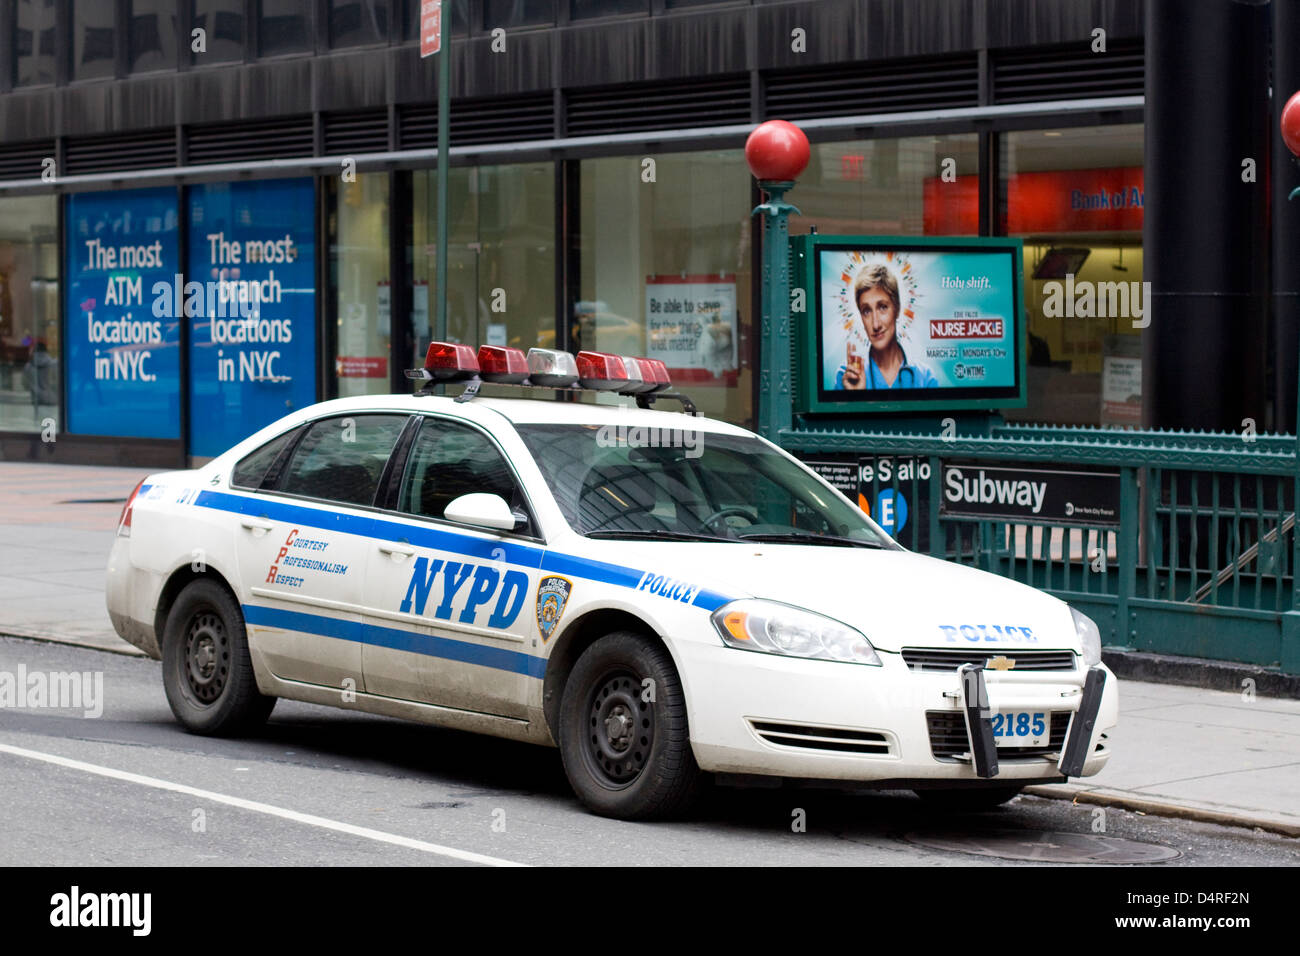 nypd chevrolet impala polizei auto in der n he von u bahn in new york city usa stockfoto bild. Black Bedroom Furniture Sets. Home Design Ideas